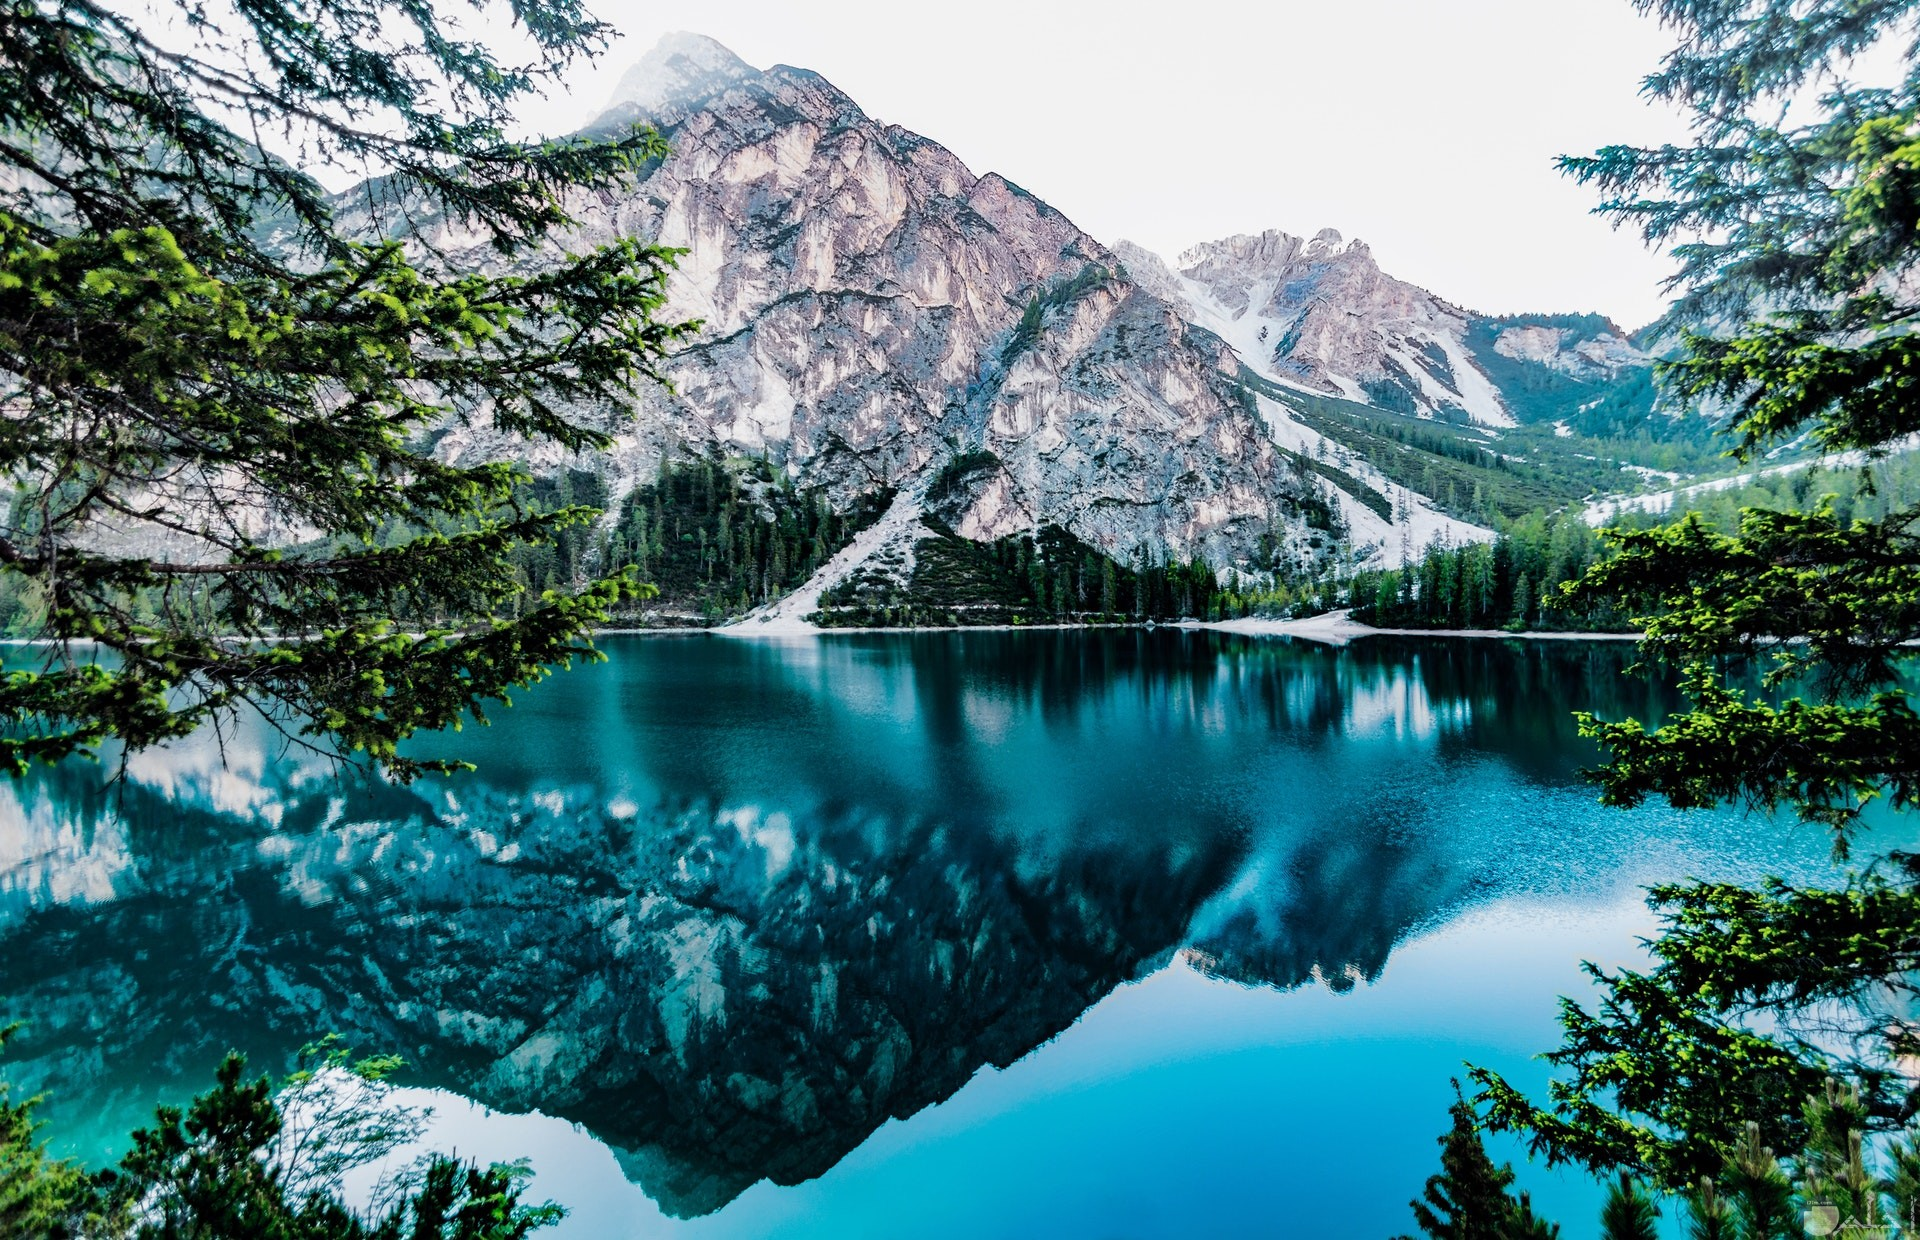 صورة جميلة ومميزة للطبيعة تبرز روعة المناظر الطبيعية التي أبدع الله في خلقها سبحان الله